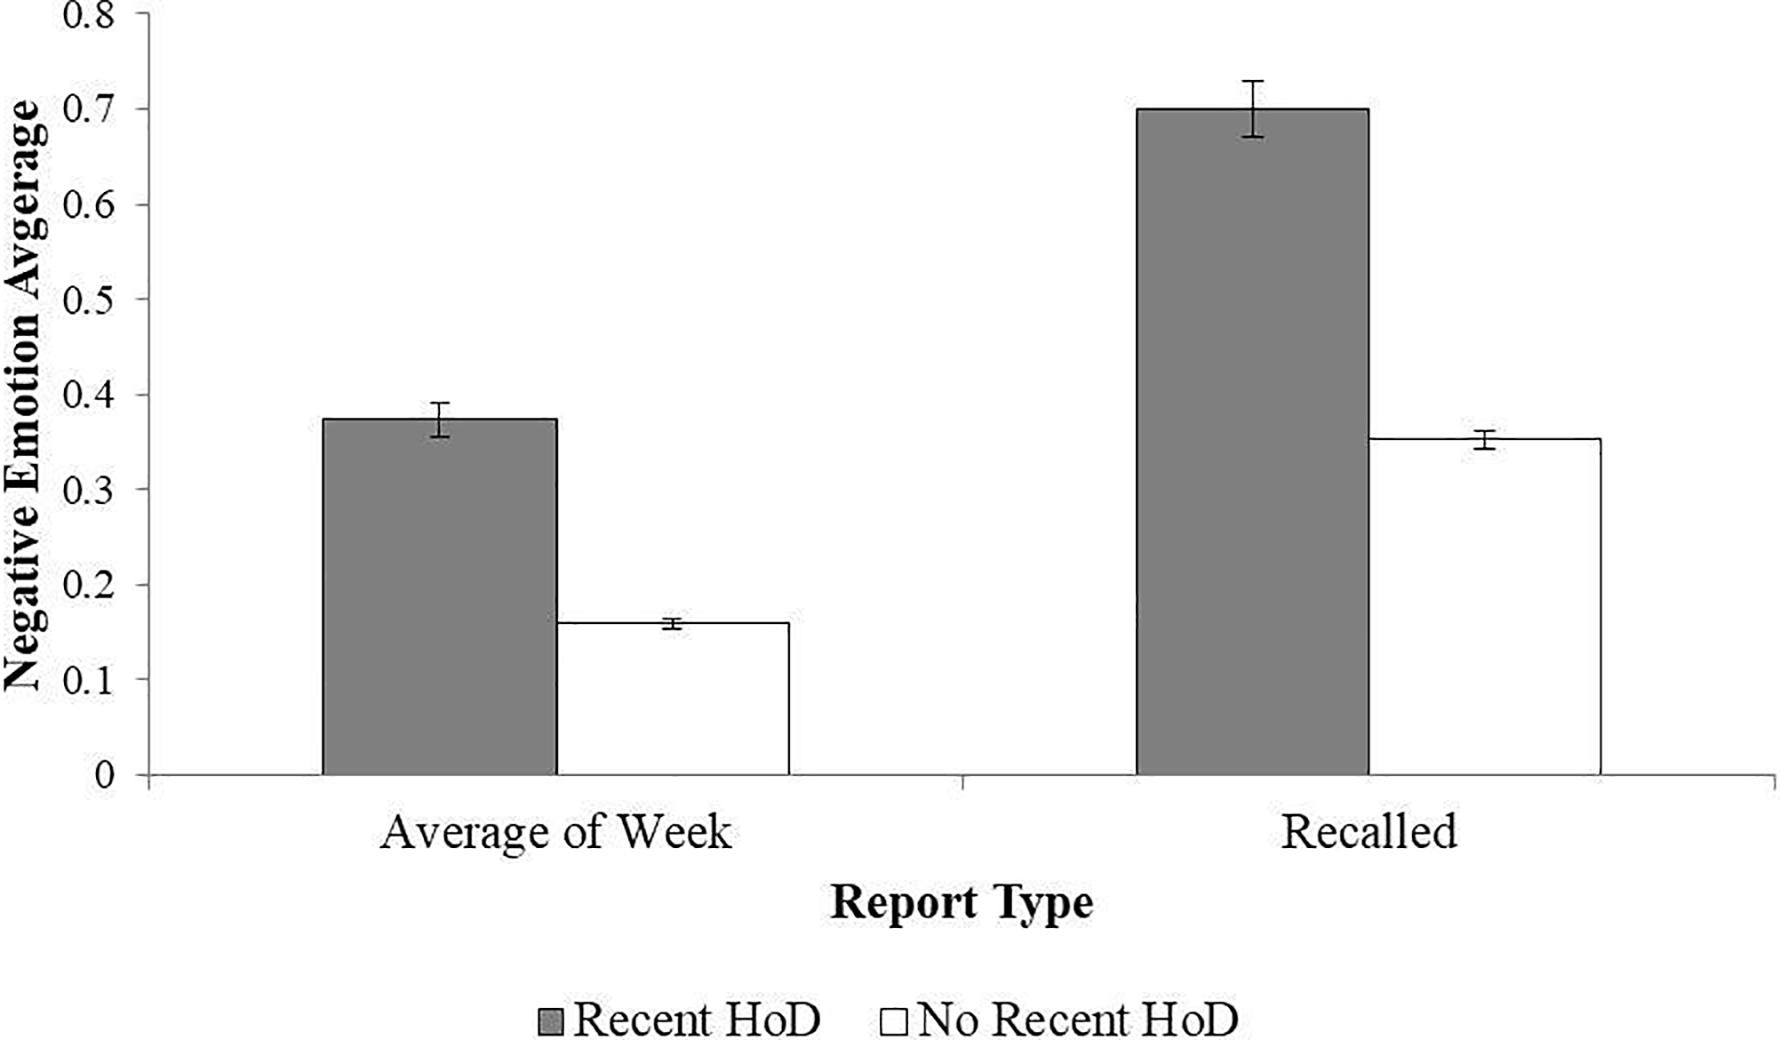 Рис 1. Сообщения о негативных эмоциях и их оценка по памяти испытуемыми.  На рисунке: Negative Emotion Average - Отрицательные эмоции в среднем; Recent HoD - недавняя история депрессивных эпизодов (на графике серым цветом); Recent HoD - без депрессивных эпизодов (на графике белым цветом); Average of Week - среднее за неделю (по ежедневным записям); Recalled - среднее по воспоминаниям